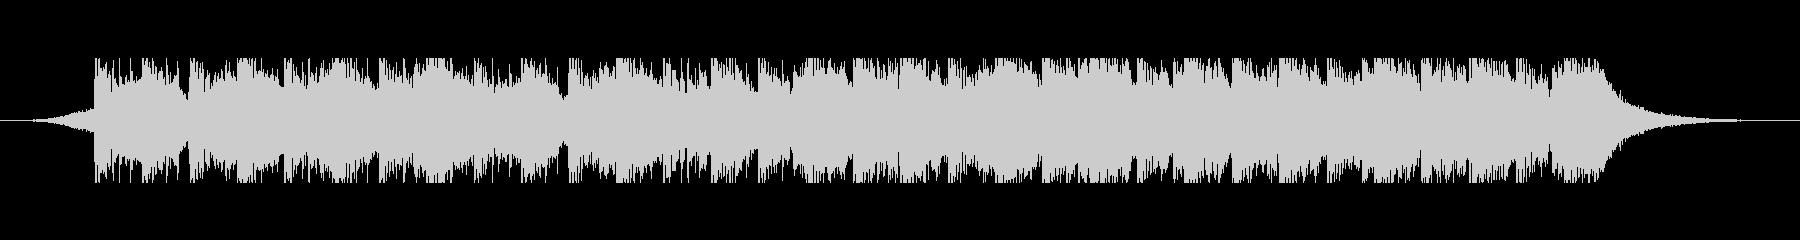 砂漠のキャラバン(60秒)の未再生の波形